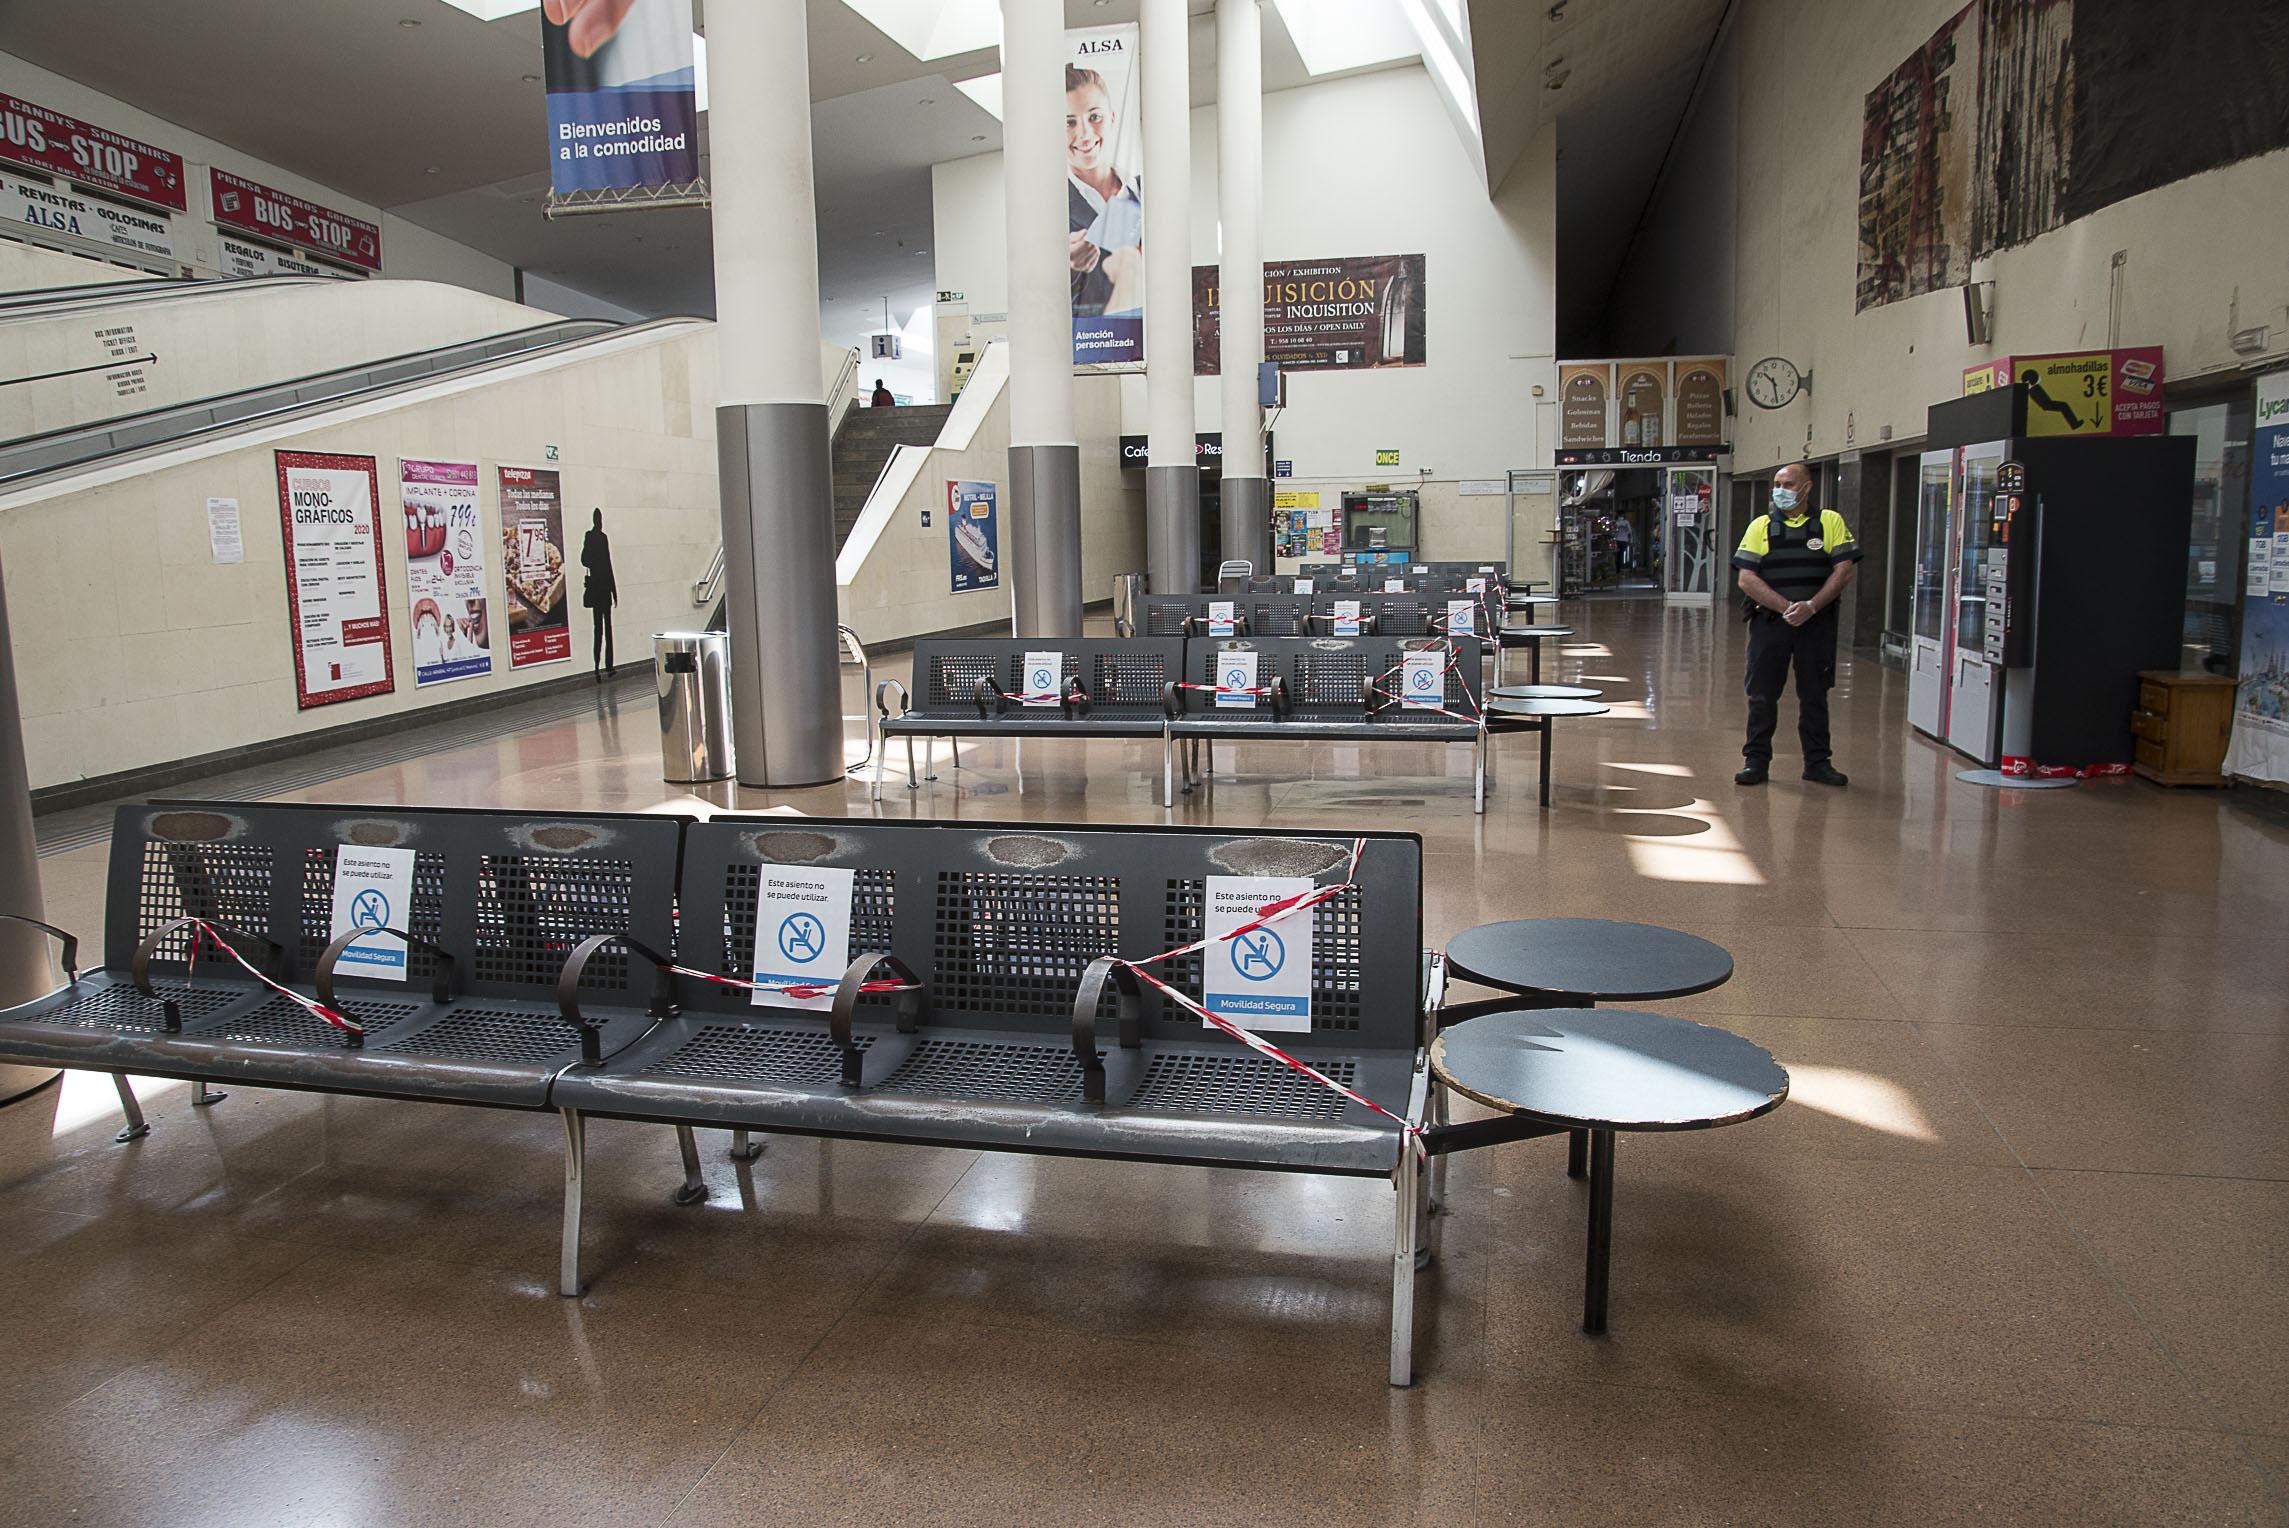 La estación de autobuses se adapta a las medidas sanitarias y de distanciamiento requeridas